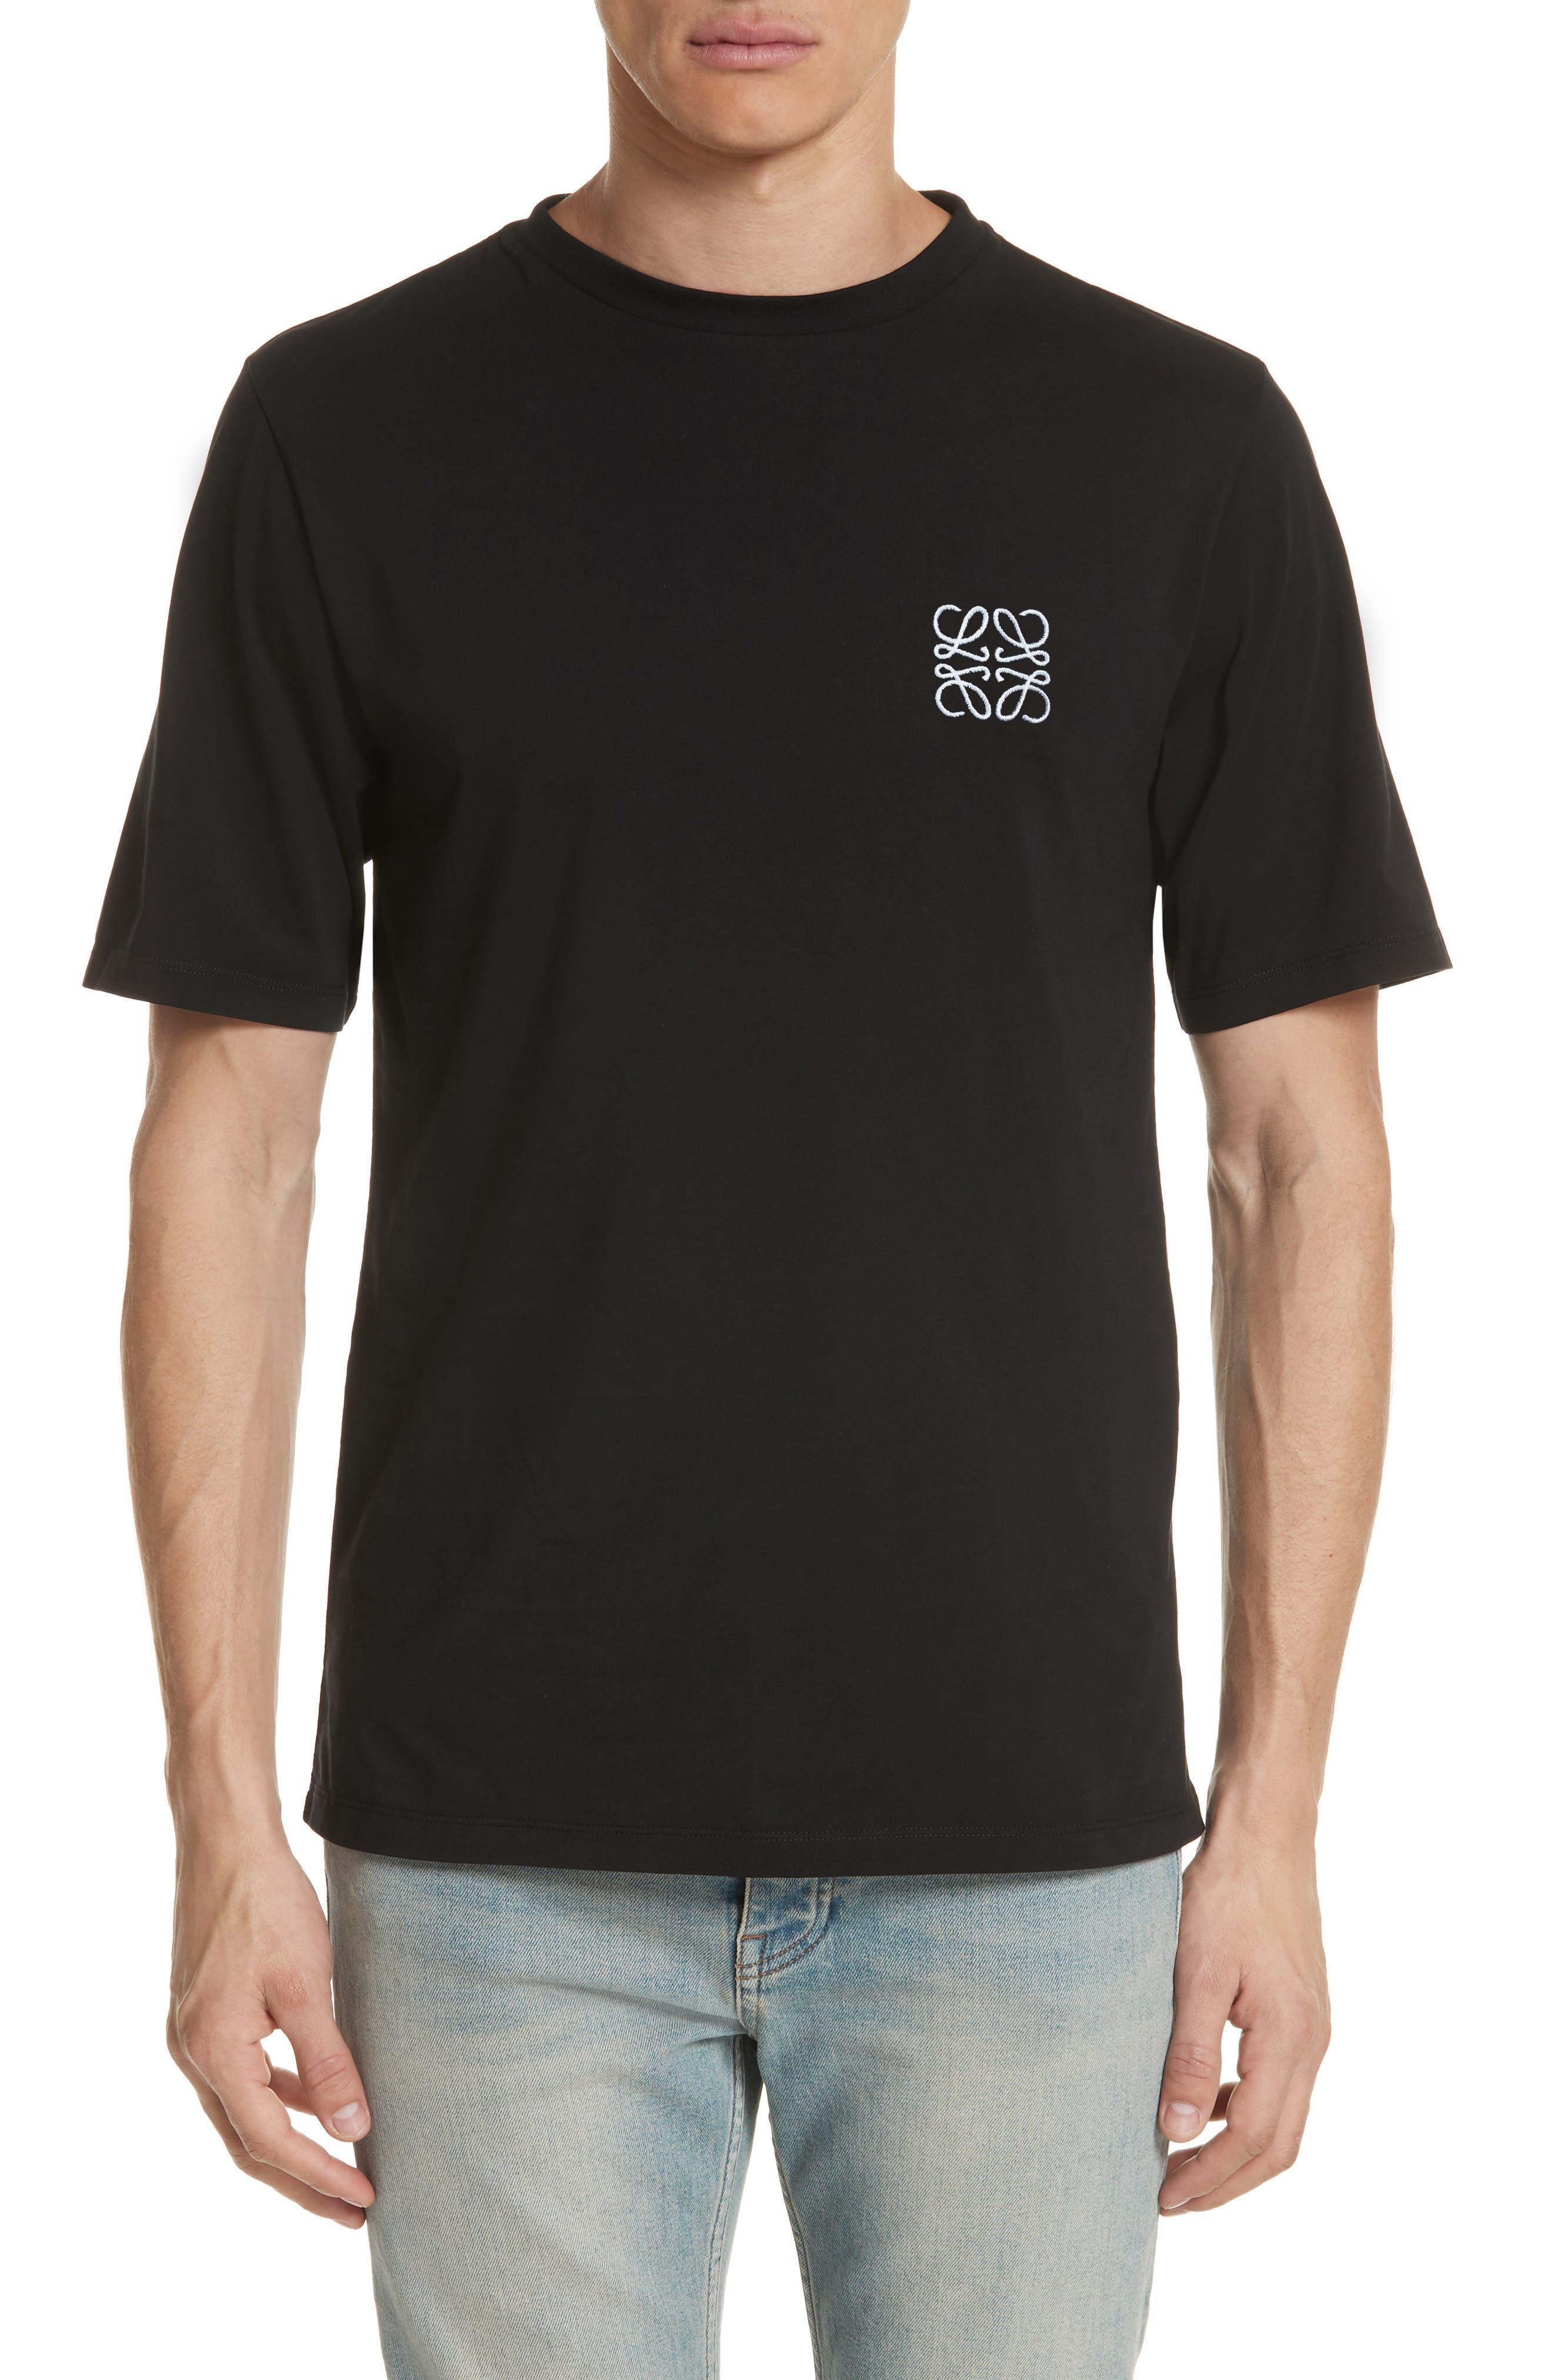 LOEWE Anagram Logo T-Shirt, Main, color, BLACK